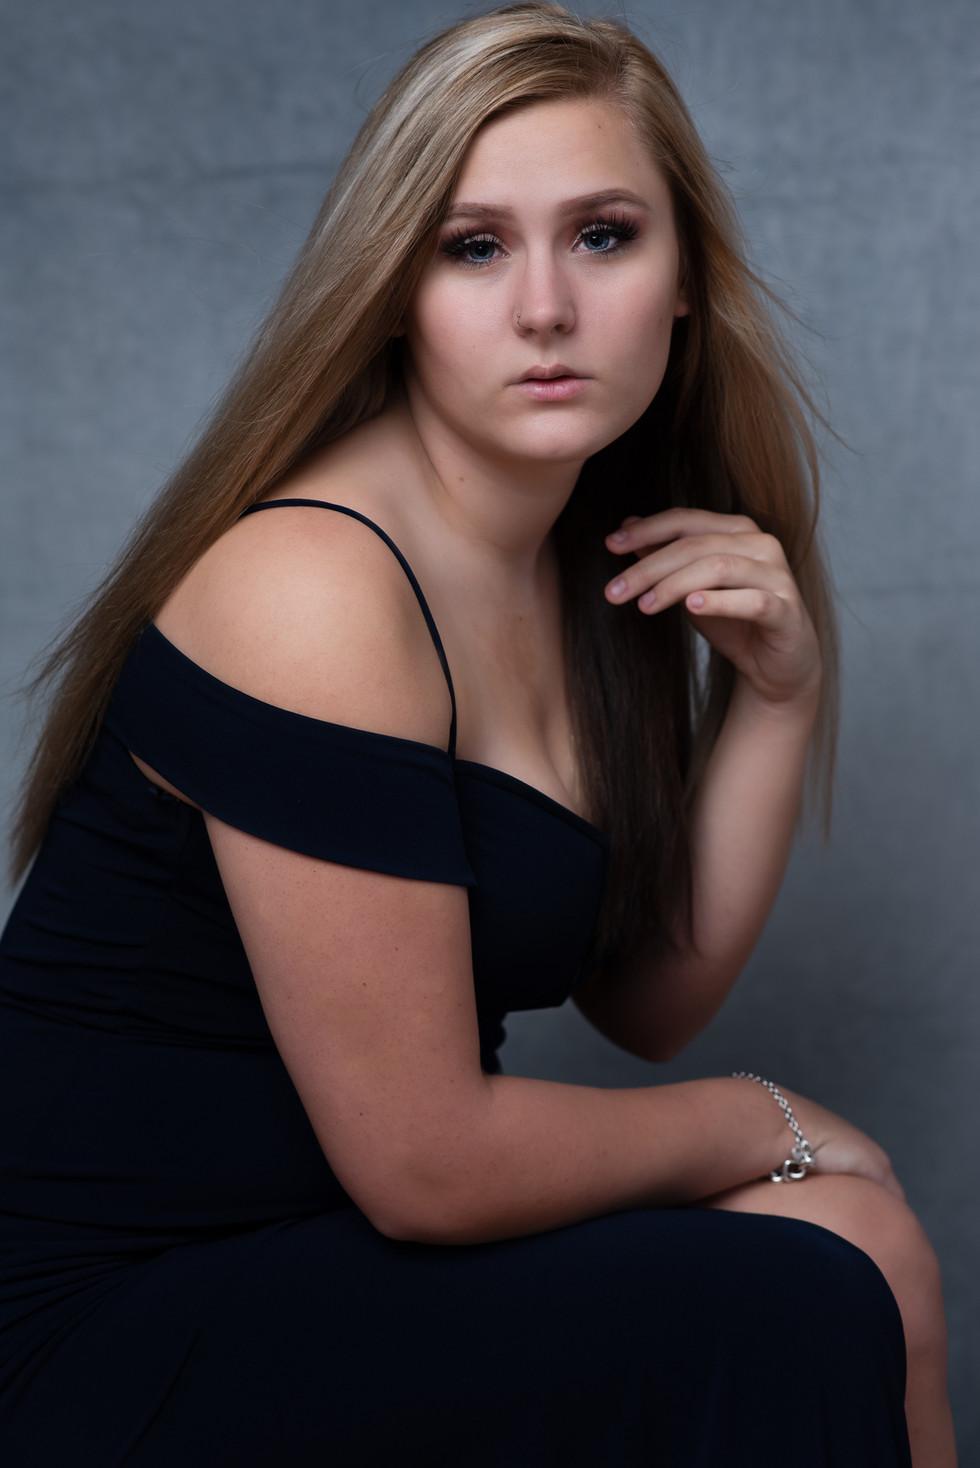 portrait photographer taylor, mi